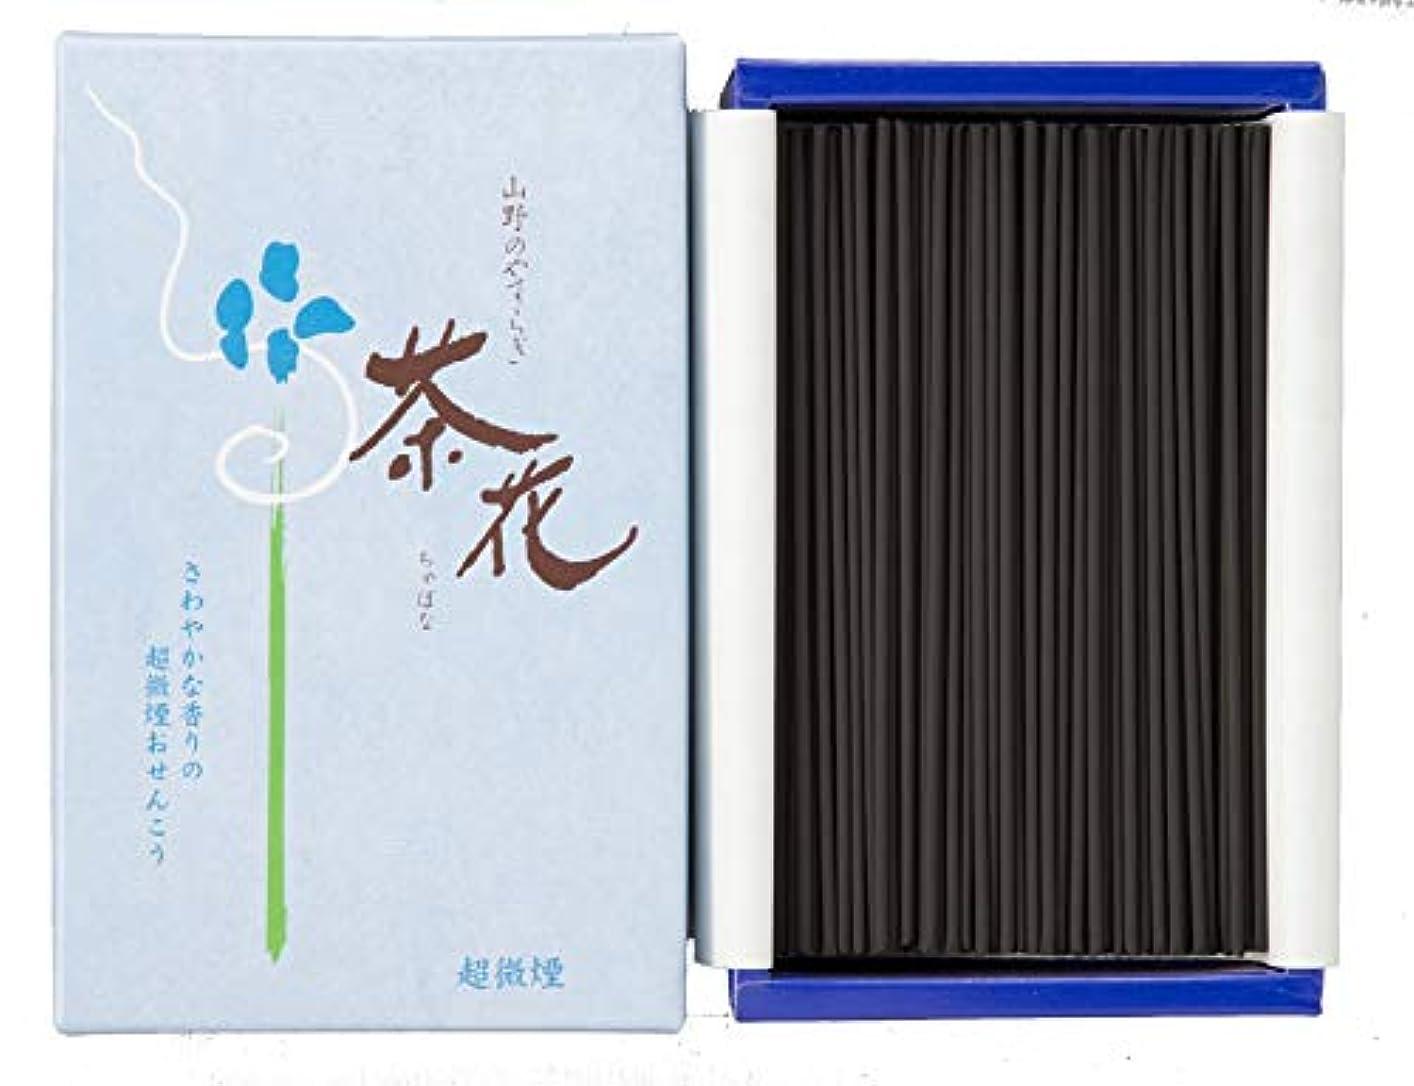 放映バルーンバイアス尚林堂 茶花 超微煙 大型バラ詰 159120-1050